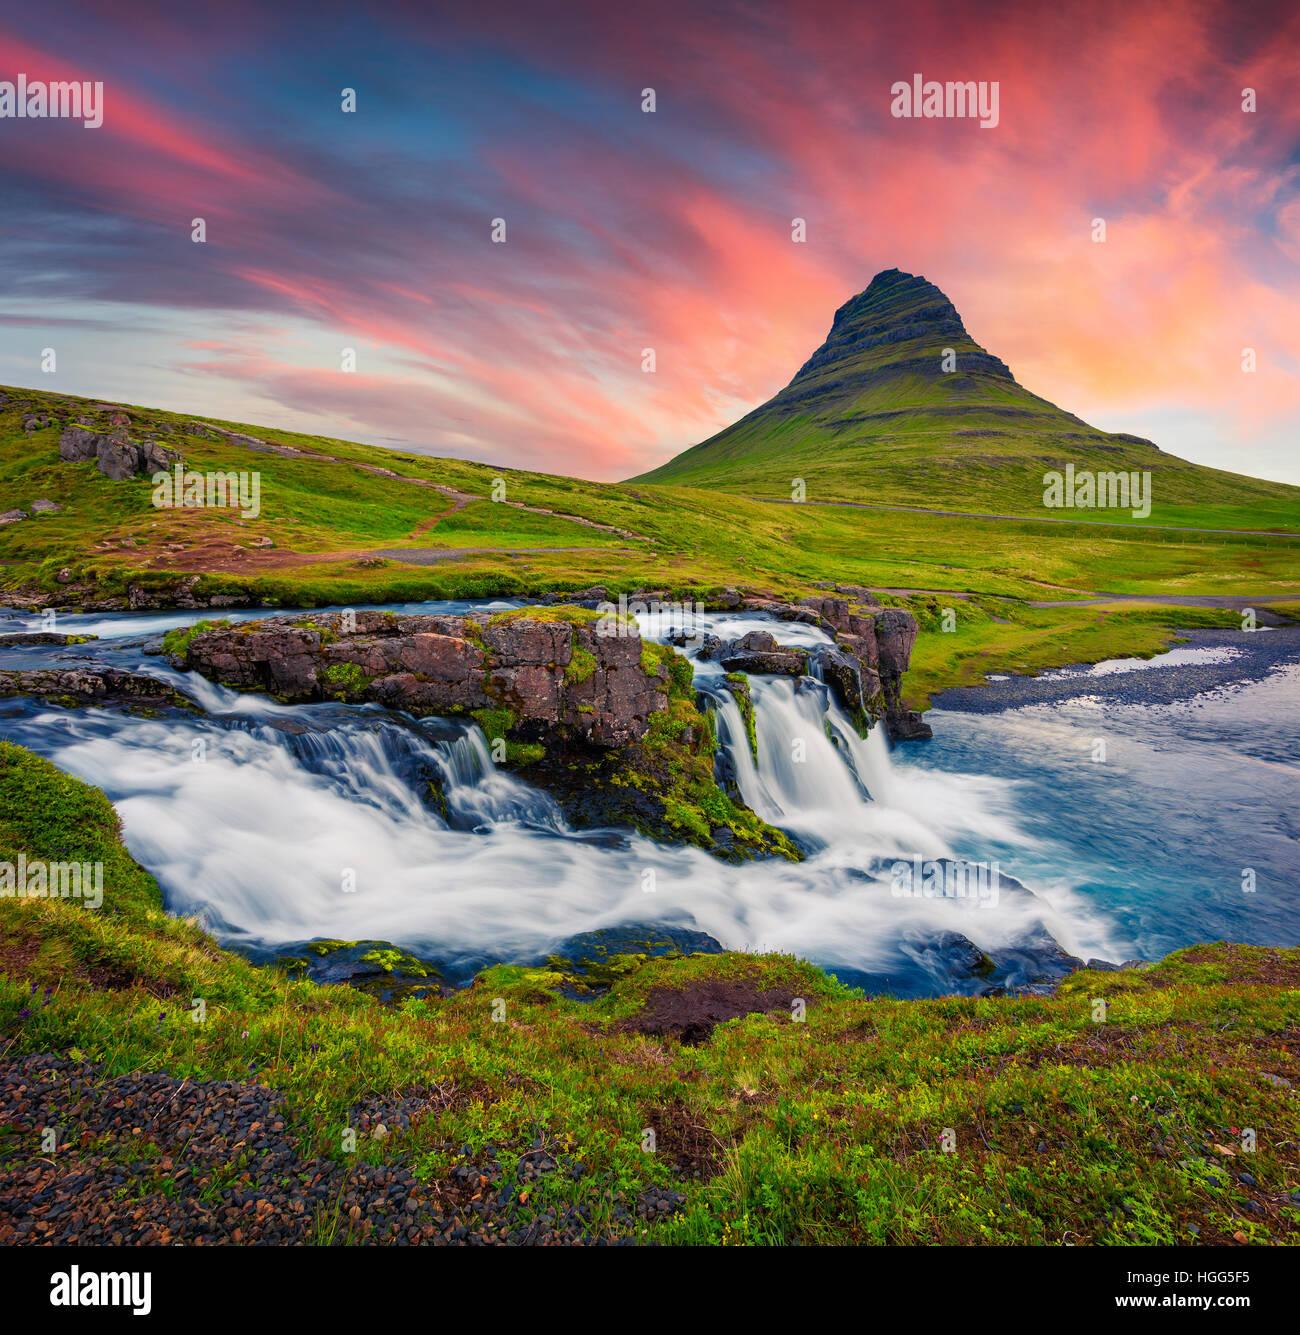 Summer sunset on famous Kirkjufellsfoss Waterfall and Kirkjufell mountain. Dramatic evening scene on Snaefellsnes - Stock Image